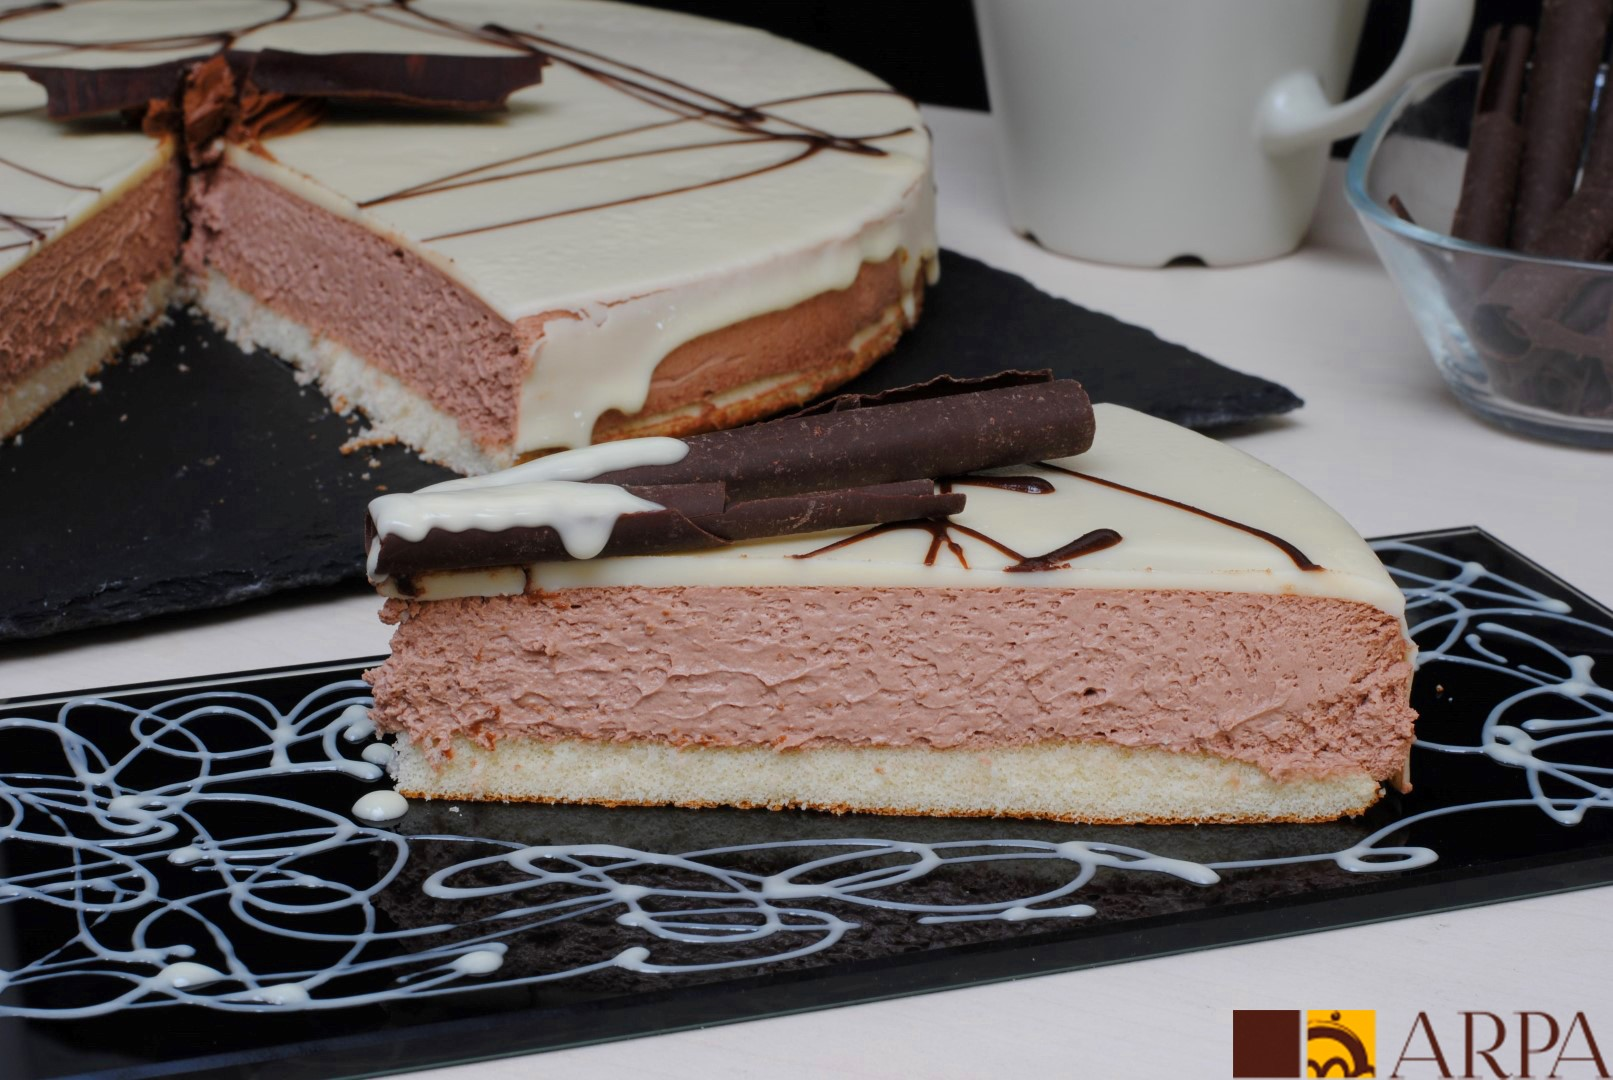 Mousse de bombón, interior de chocolate negro y bañado con una capa de chocolate blanco